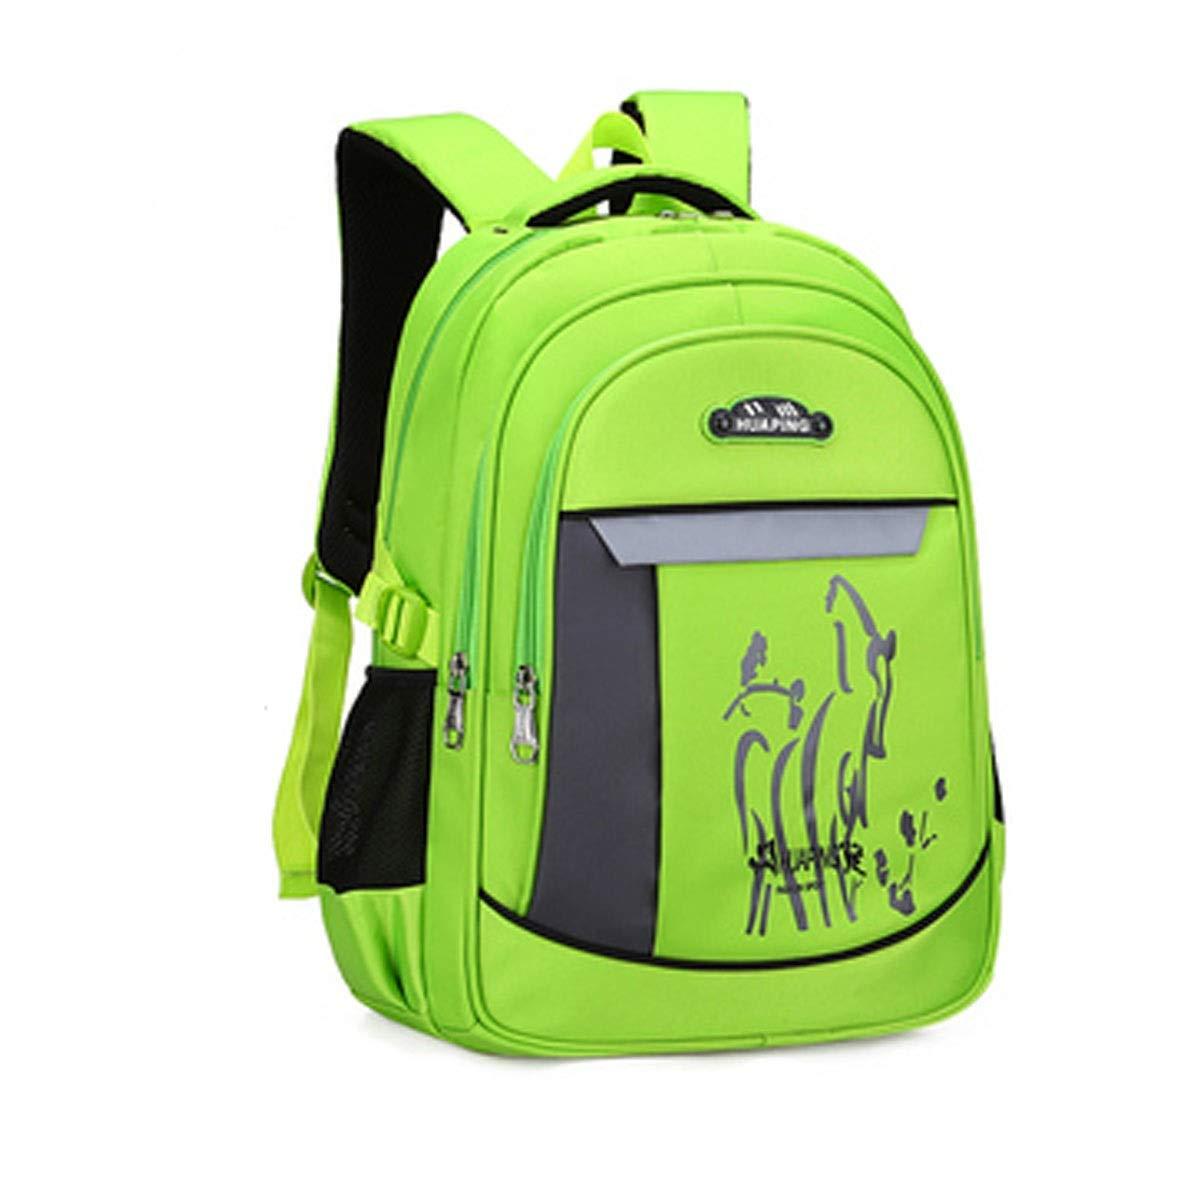 Borsa da scuola, borsa da studente, zaino impermeabile resistente all'usura, adatto per studenti di grado 1-9, 46  32  20 cm, multi-colore opzionale